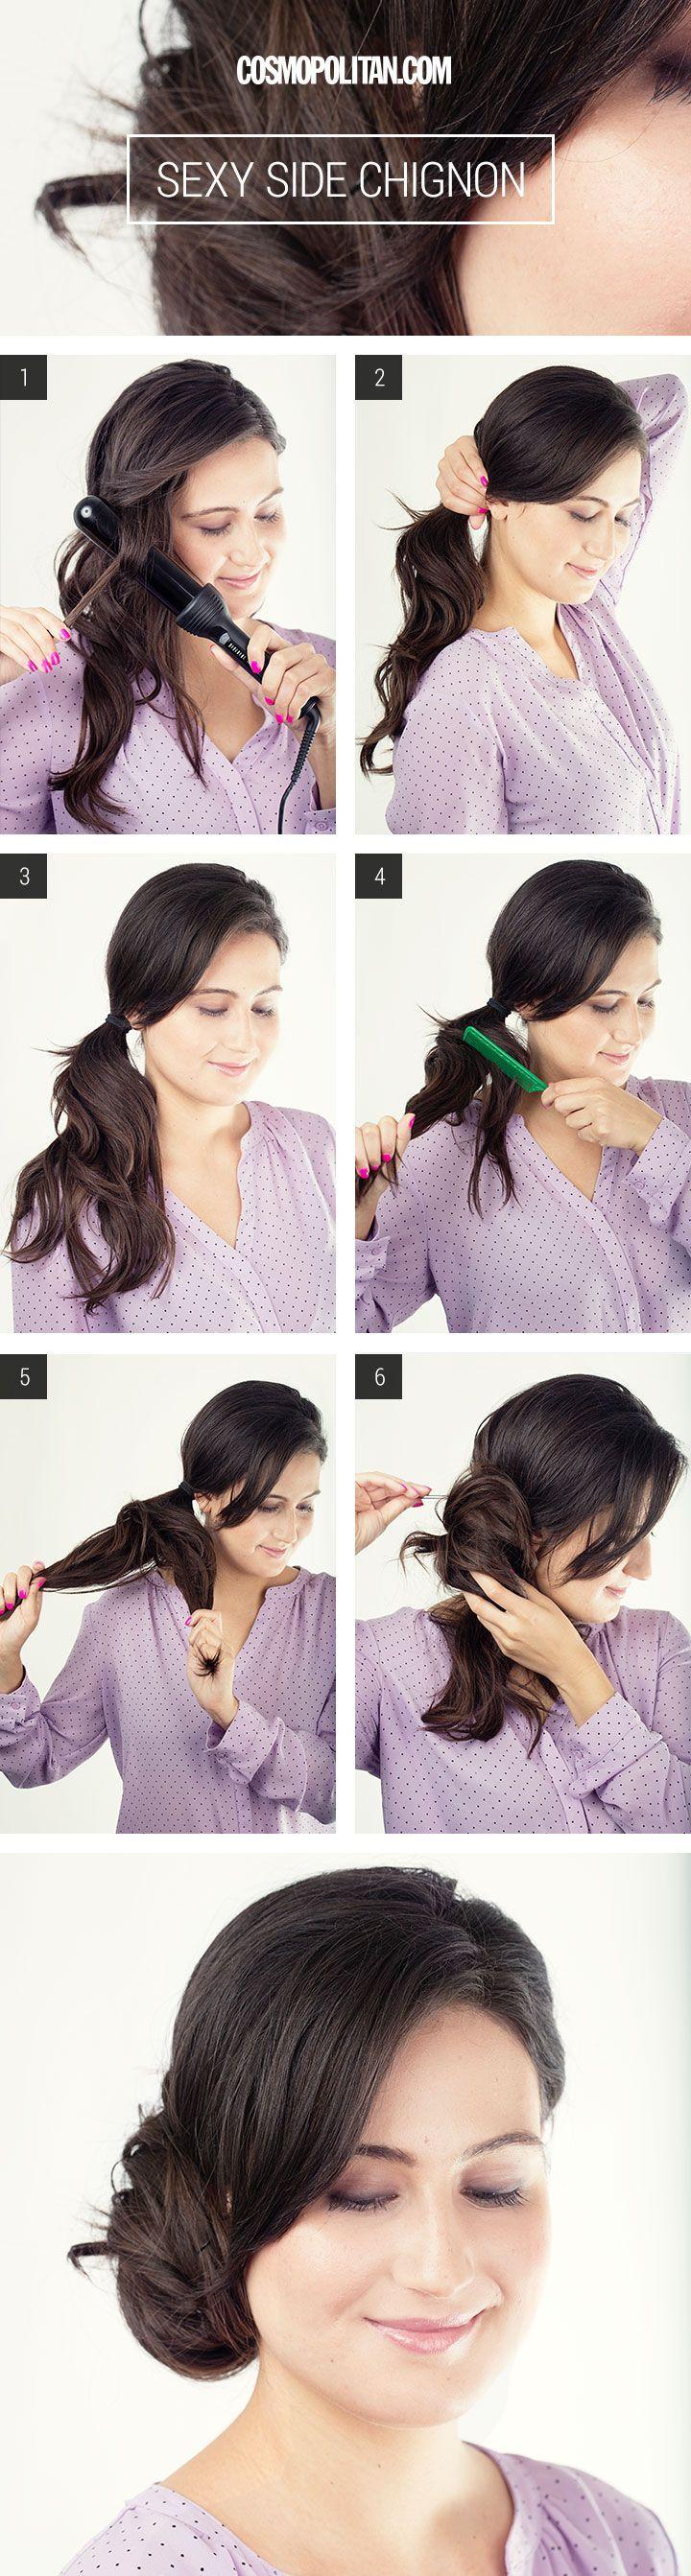 Peinados extra rápidos para mamás sin tiempo easy hair diy hair